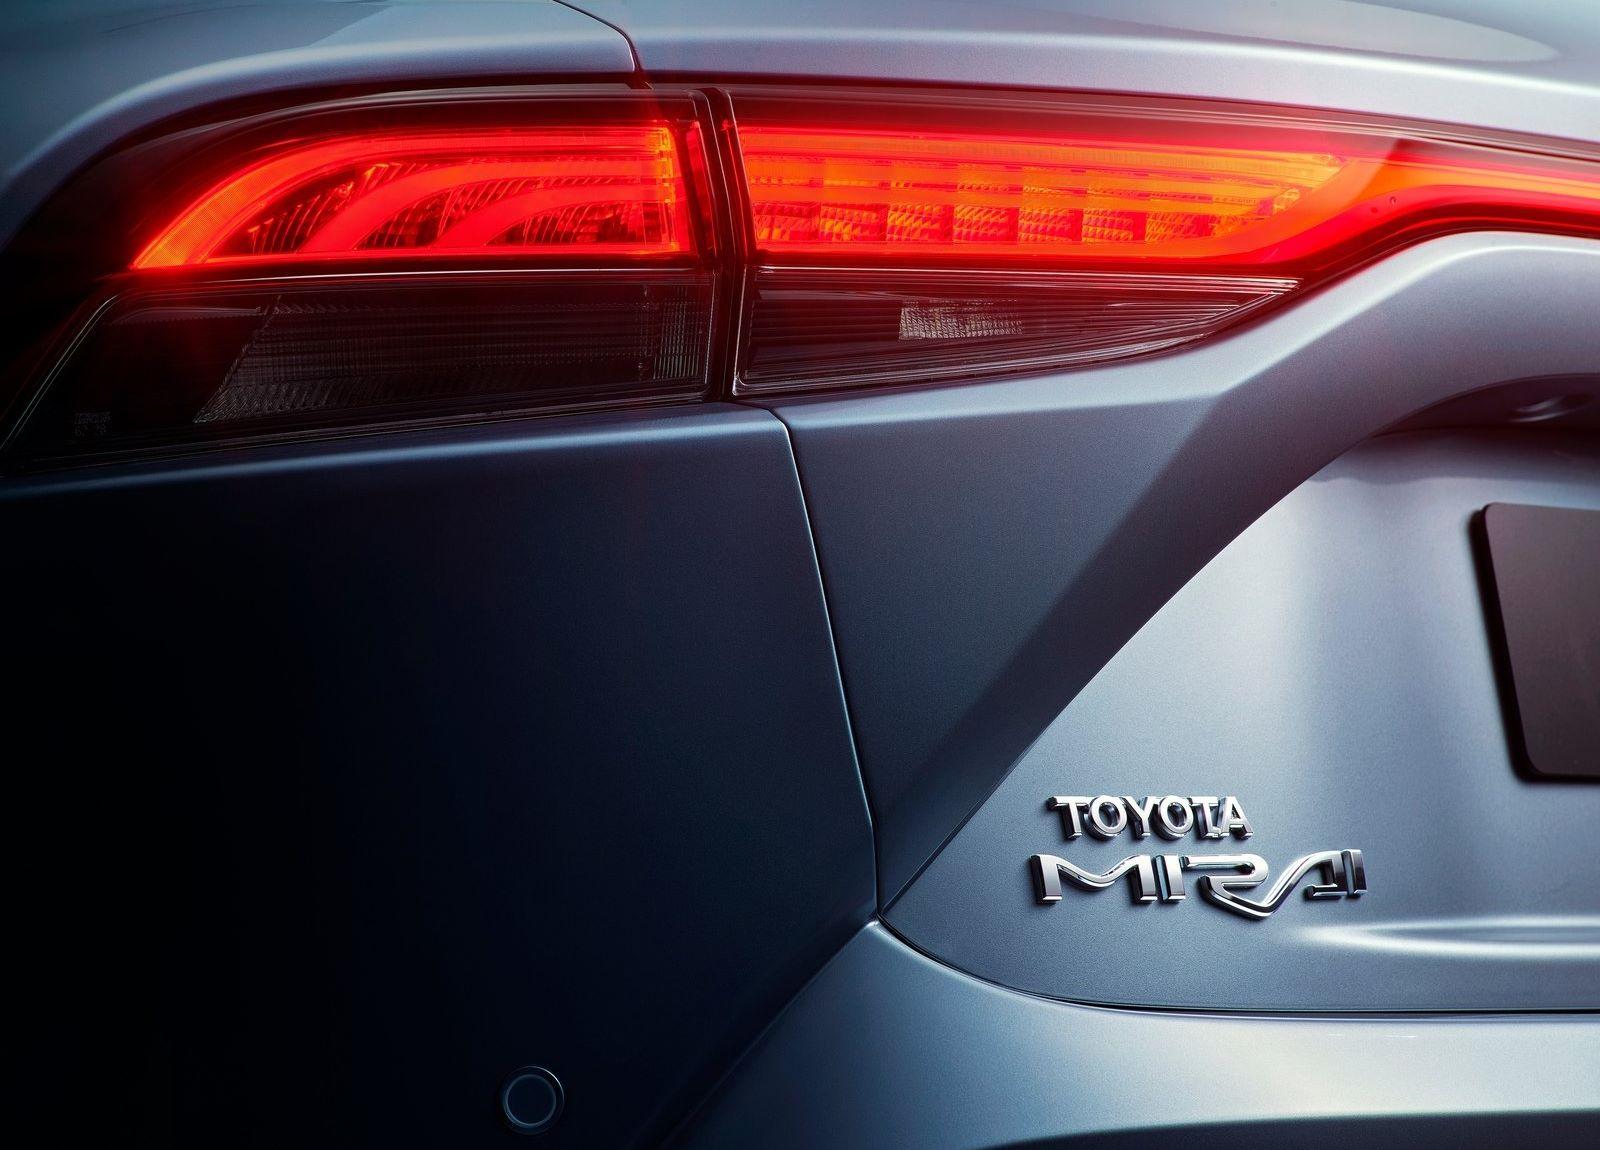 Toyota-Mirai-2021-12